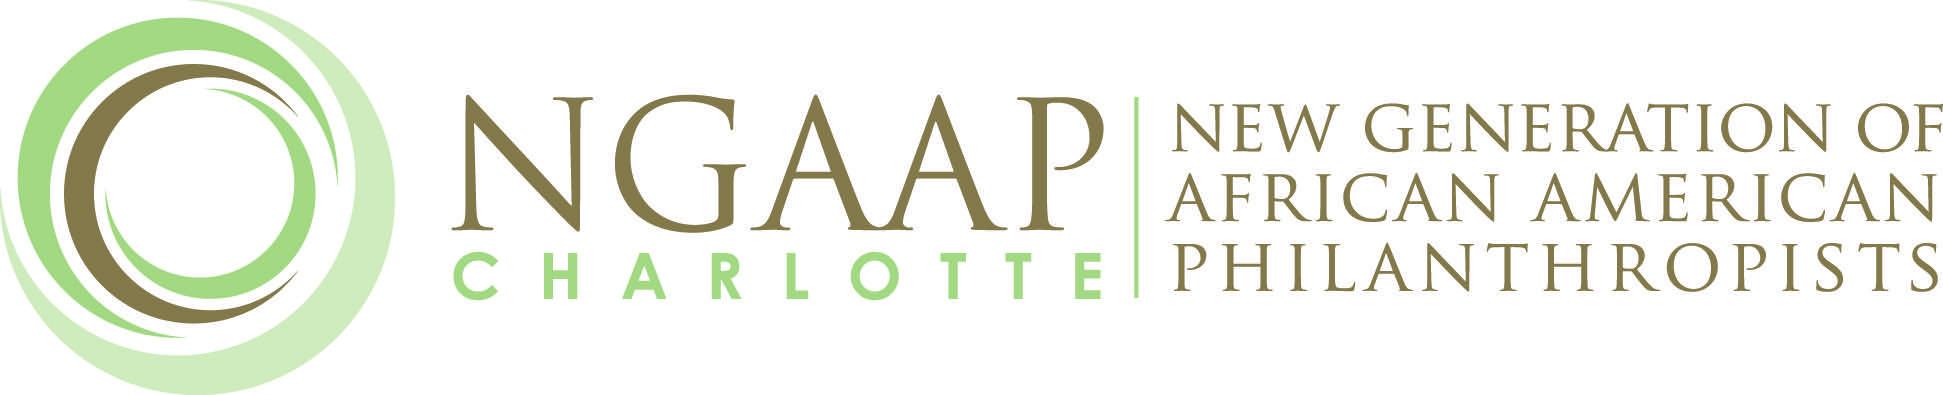 NGAAP Charlotte logo